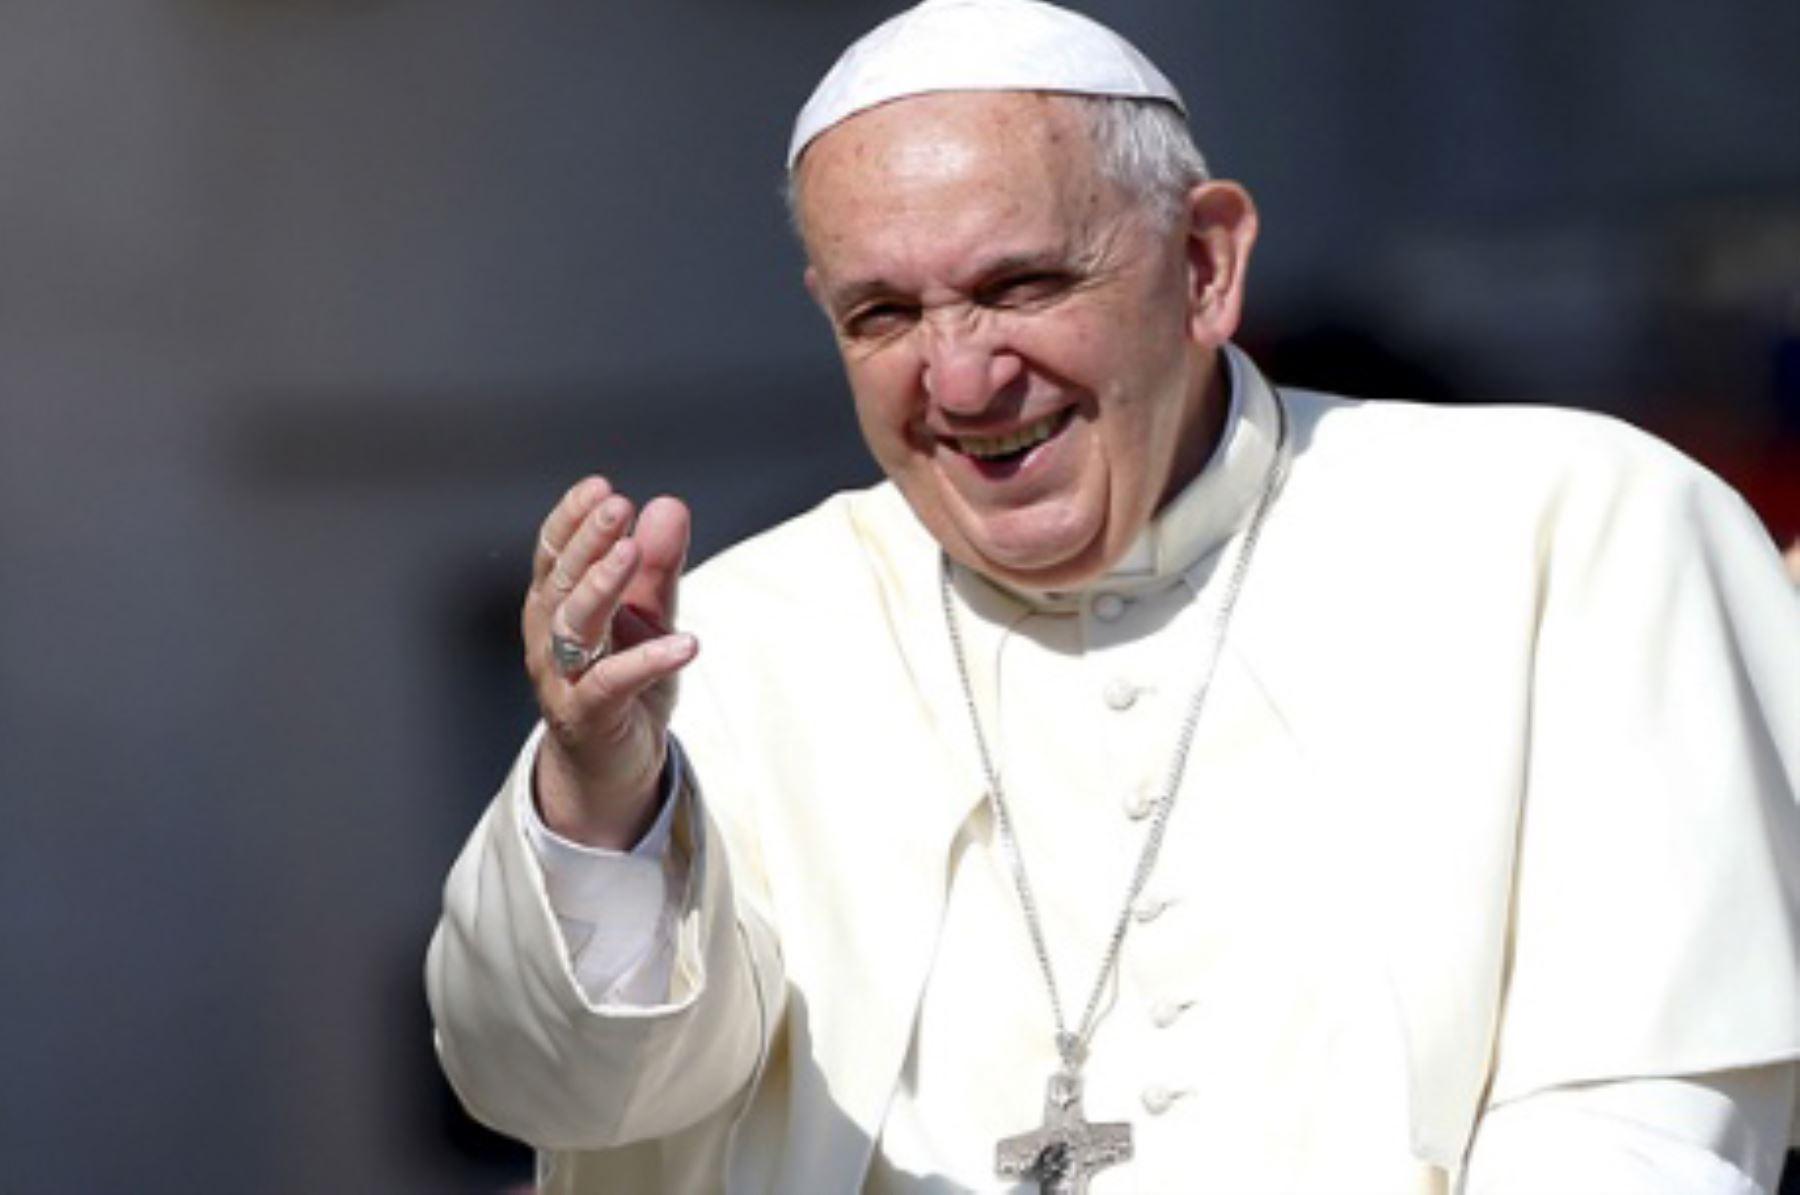 El Papa Francisco tomó este tema como un compromiso con el pueblo argentino. EFE